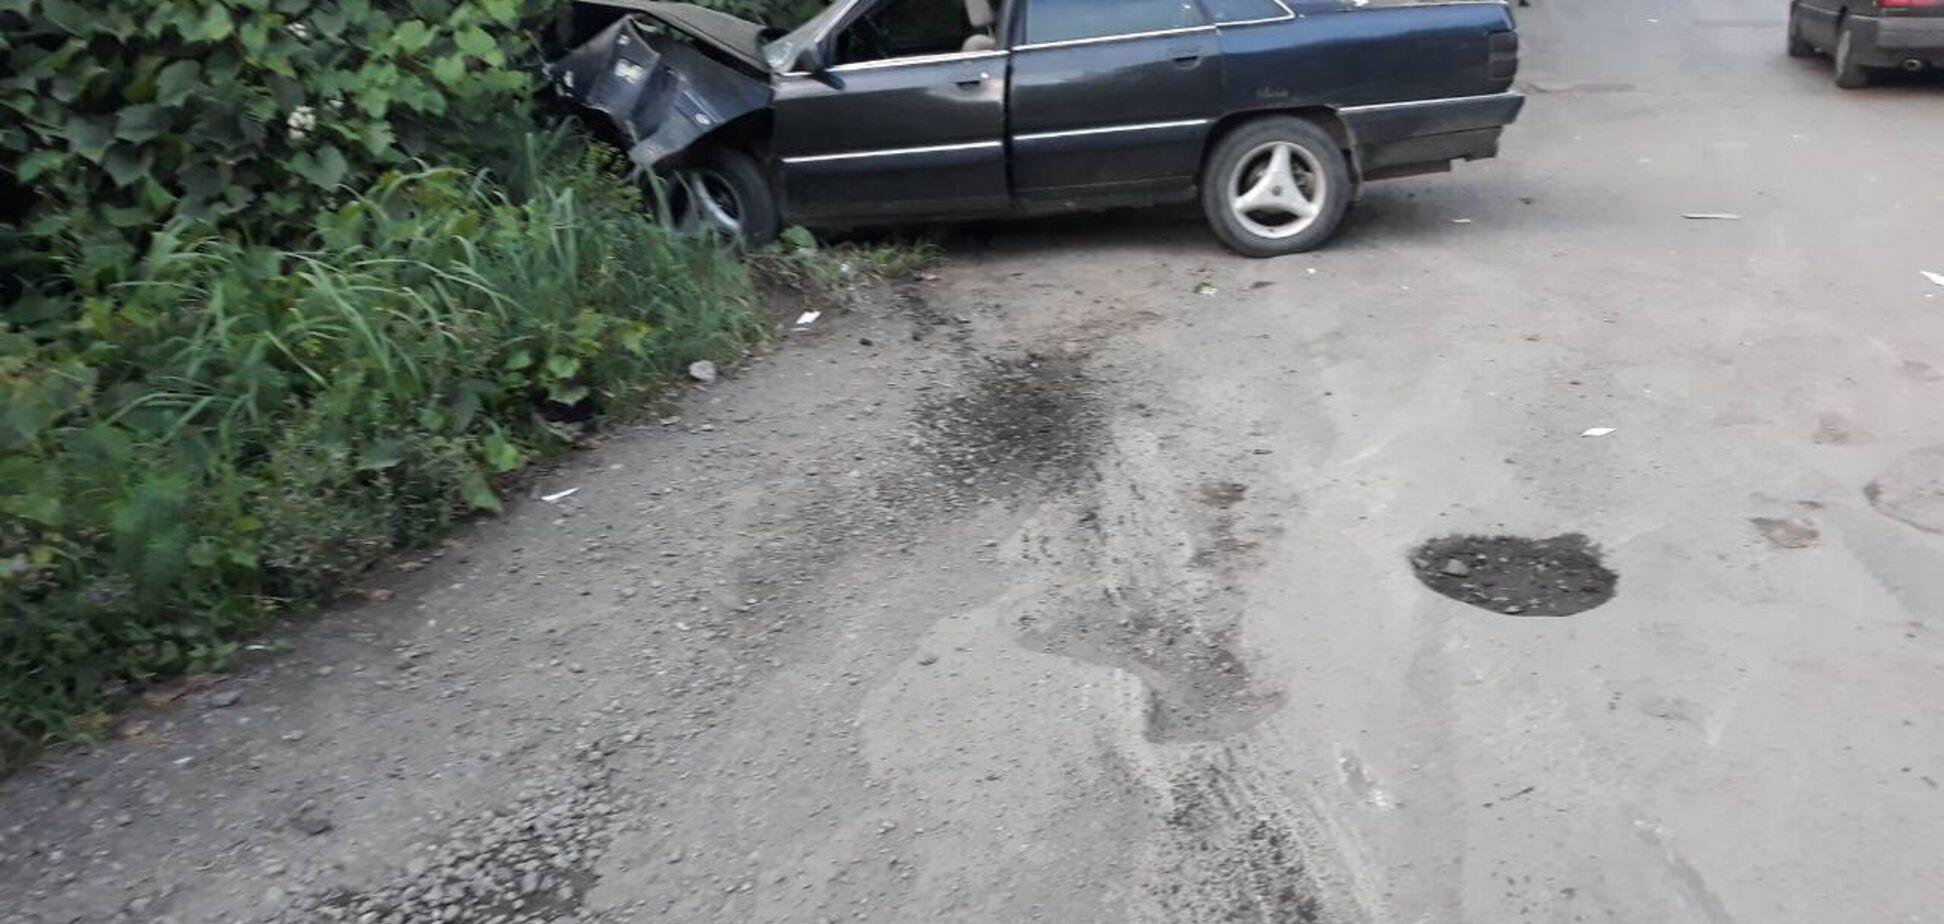 Страшное ДТП на Закарпатье: пьяный водитель влетел в авто с детьми